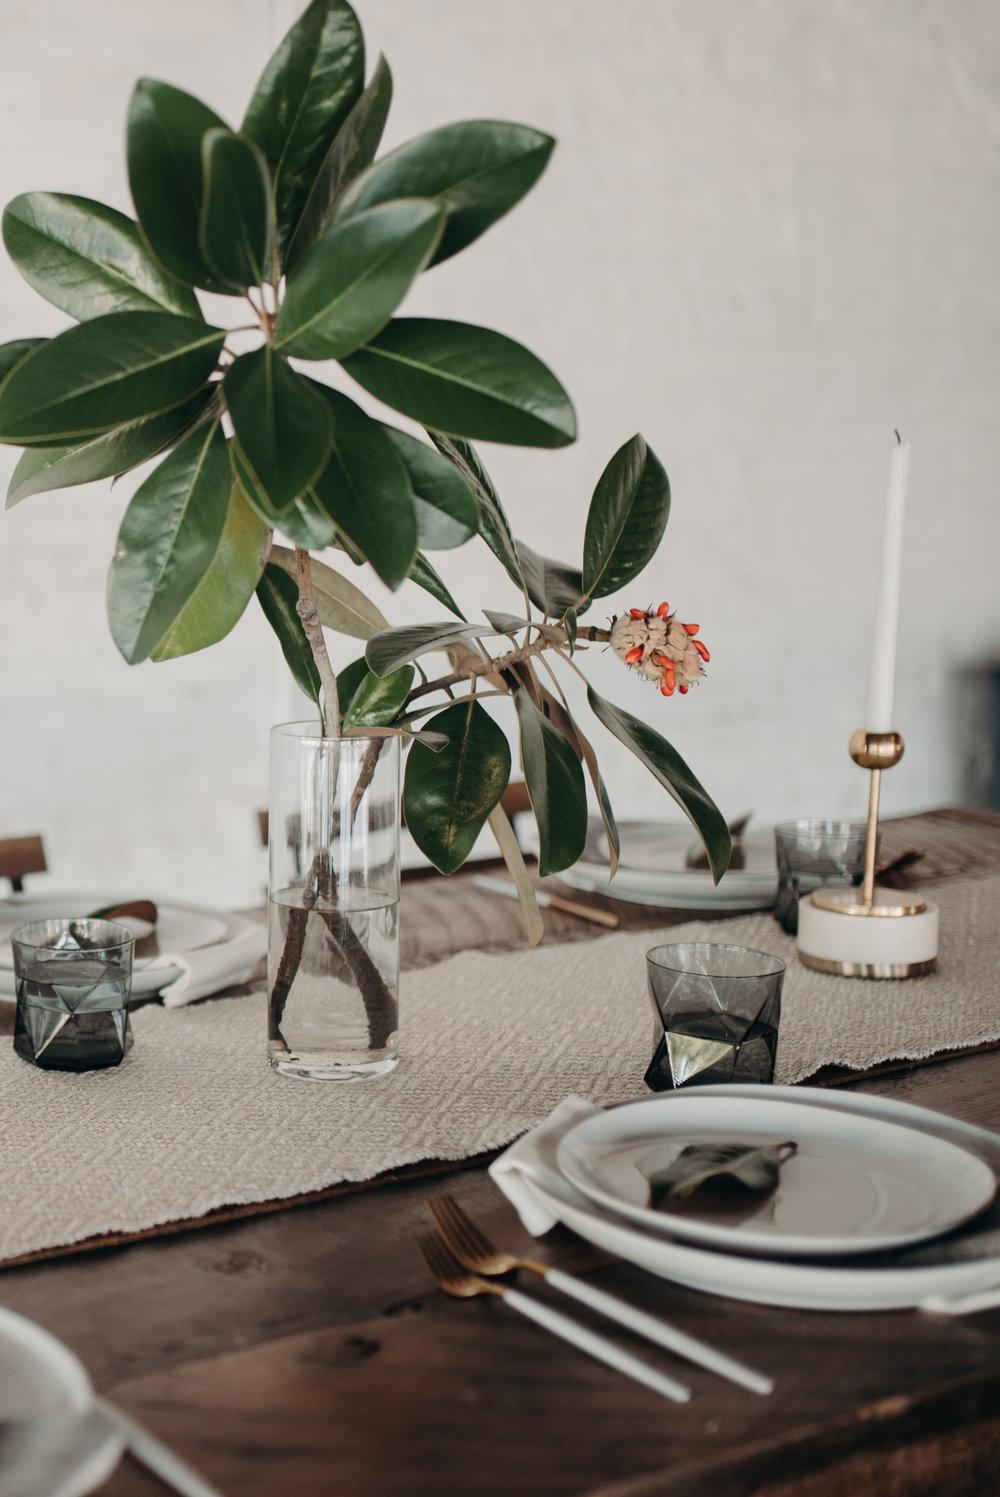 haus-820-lakeland-florida-styled-bridal-shoot-french-minimalism-orlando-wedding-photography-fox-and-film-278.jpg